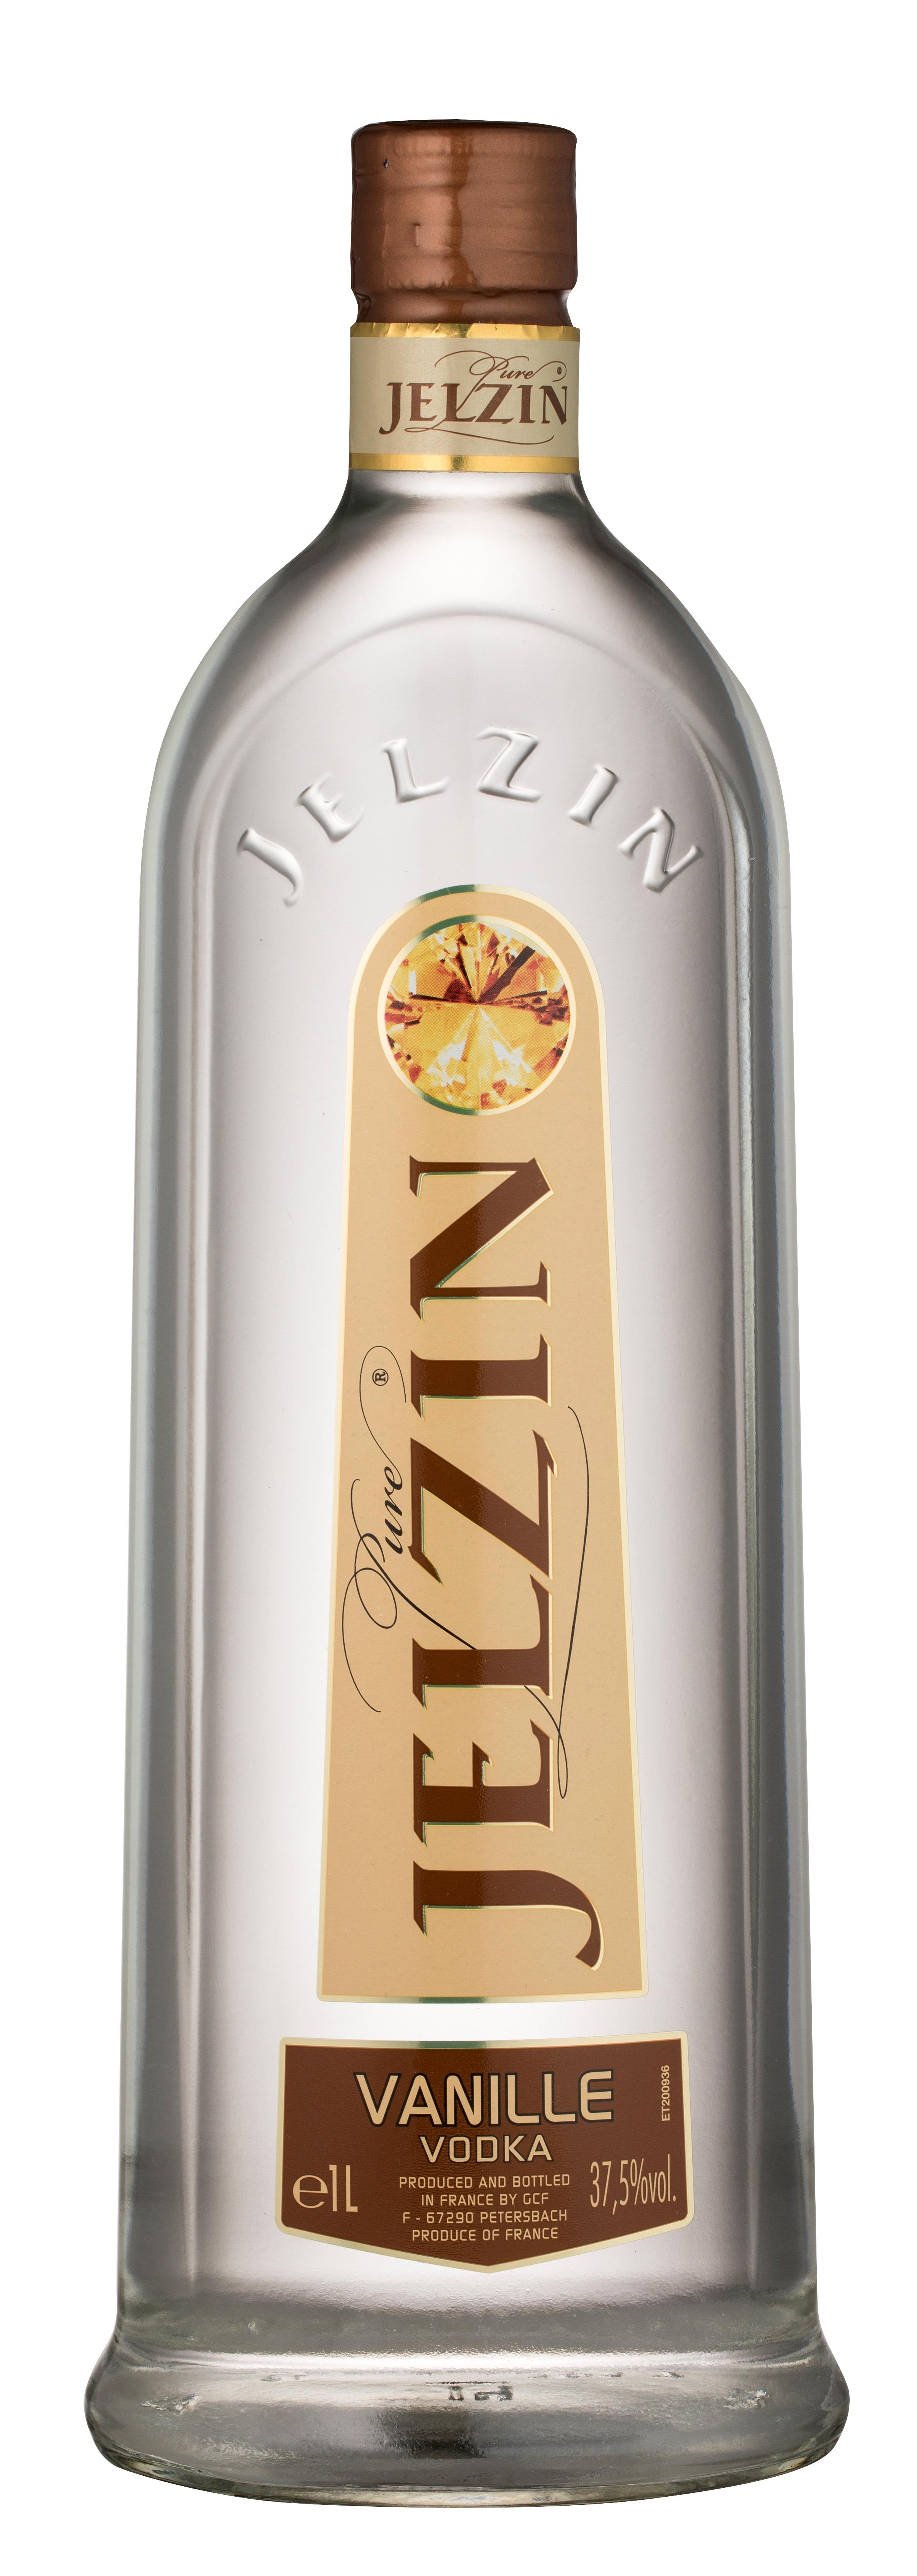 Boris Jelzin Vodka Vanille